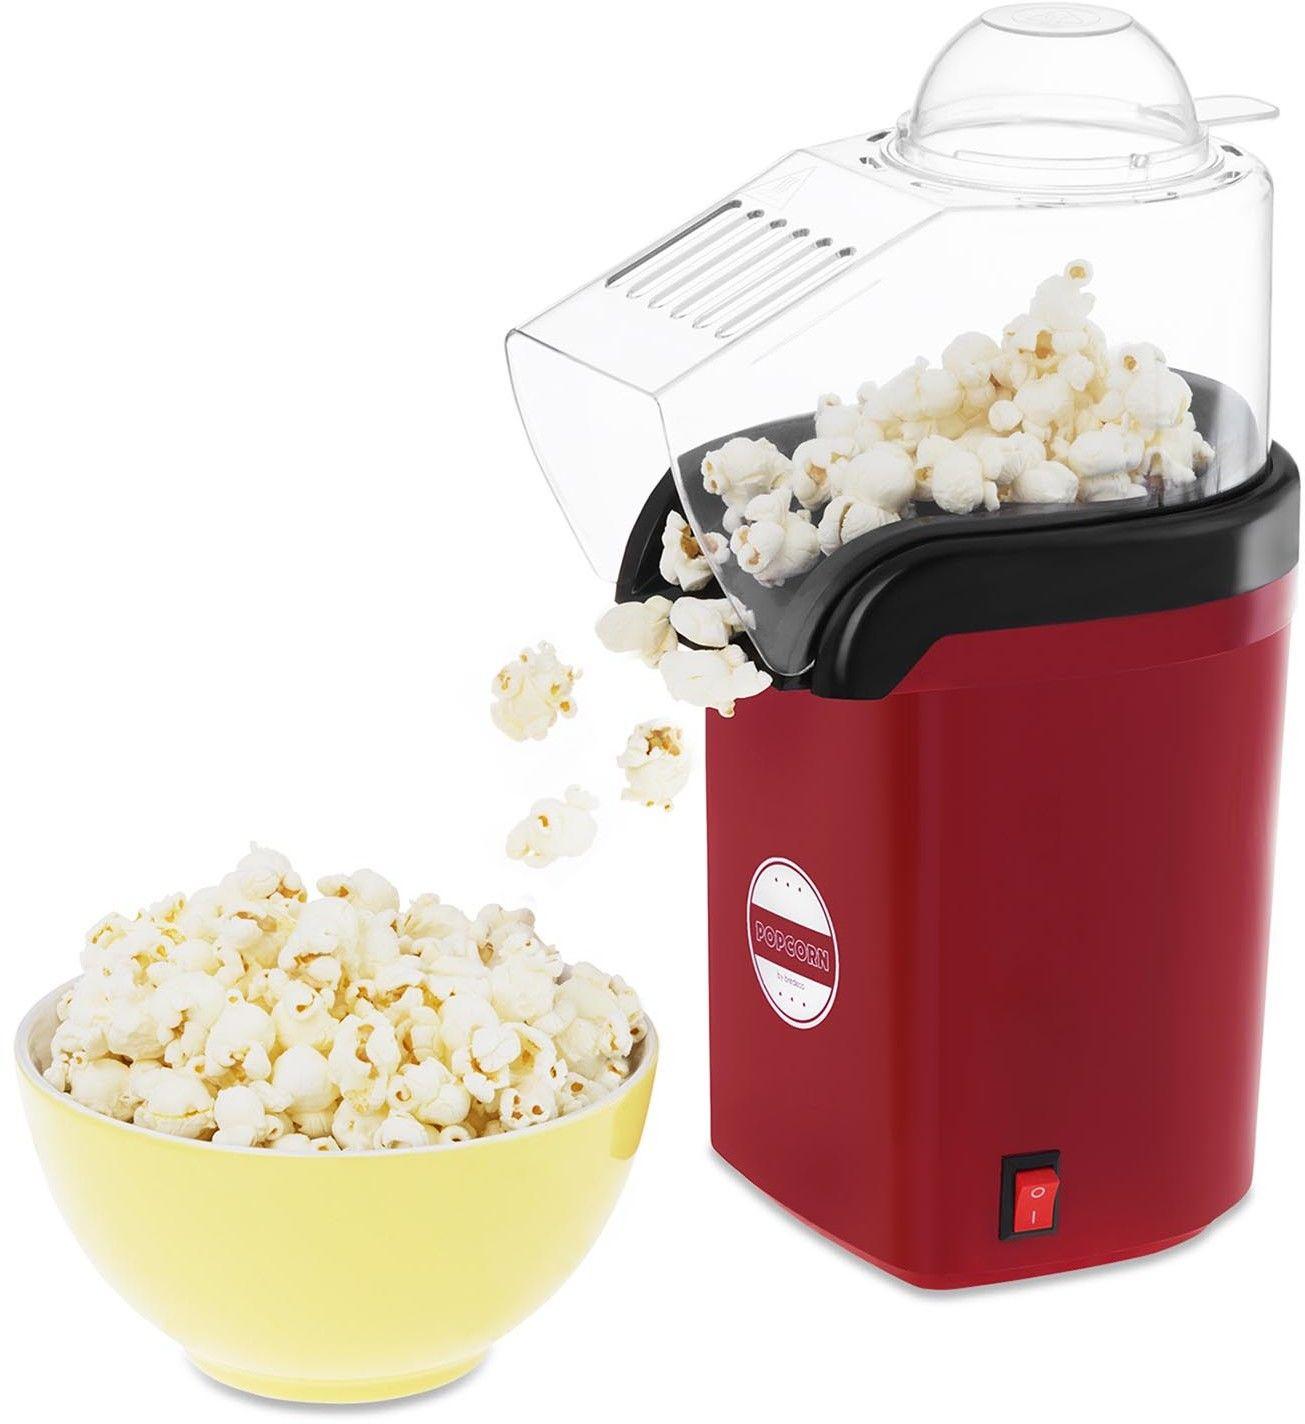 Maszyna do popcornu - beztłuszczowa - 1200 W - bredeco - BCPK-1200-W - 3 lata gwarancji/wysyłka w 24h